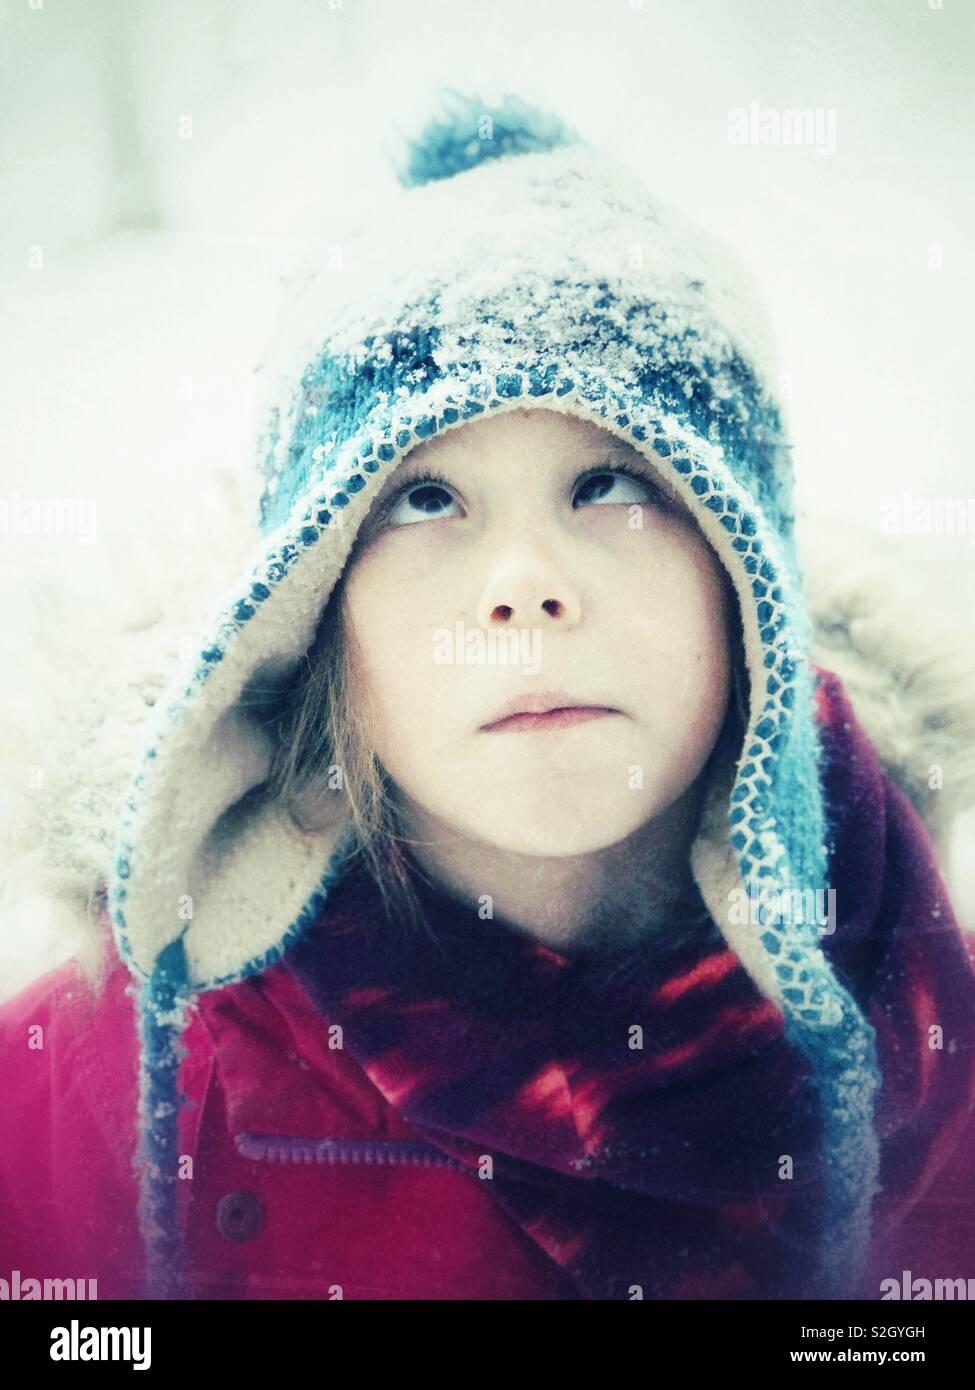 Silly ritratto di 6 anno vecchia ragazza attraversando lo sguardo in alto a neve sulla sua testa Immagini Stock